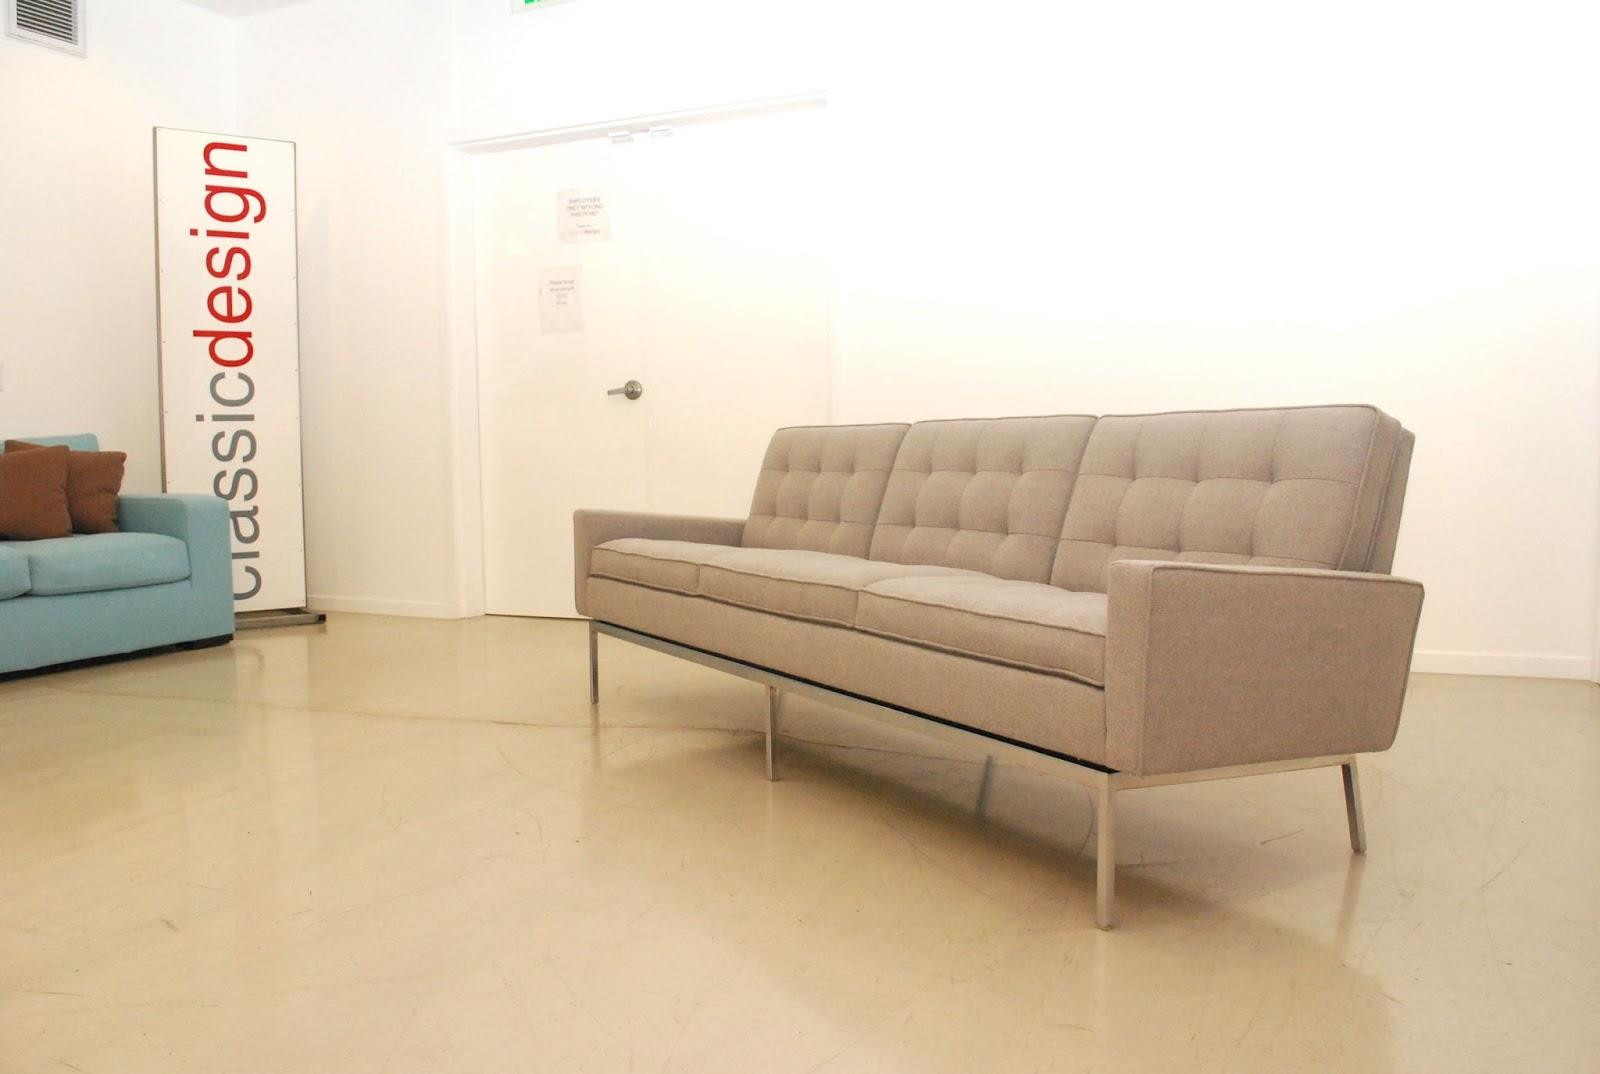 classic design before after vintage florence knoll sofa. Black Bedroom Furniture Sets. Home Design Ideas